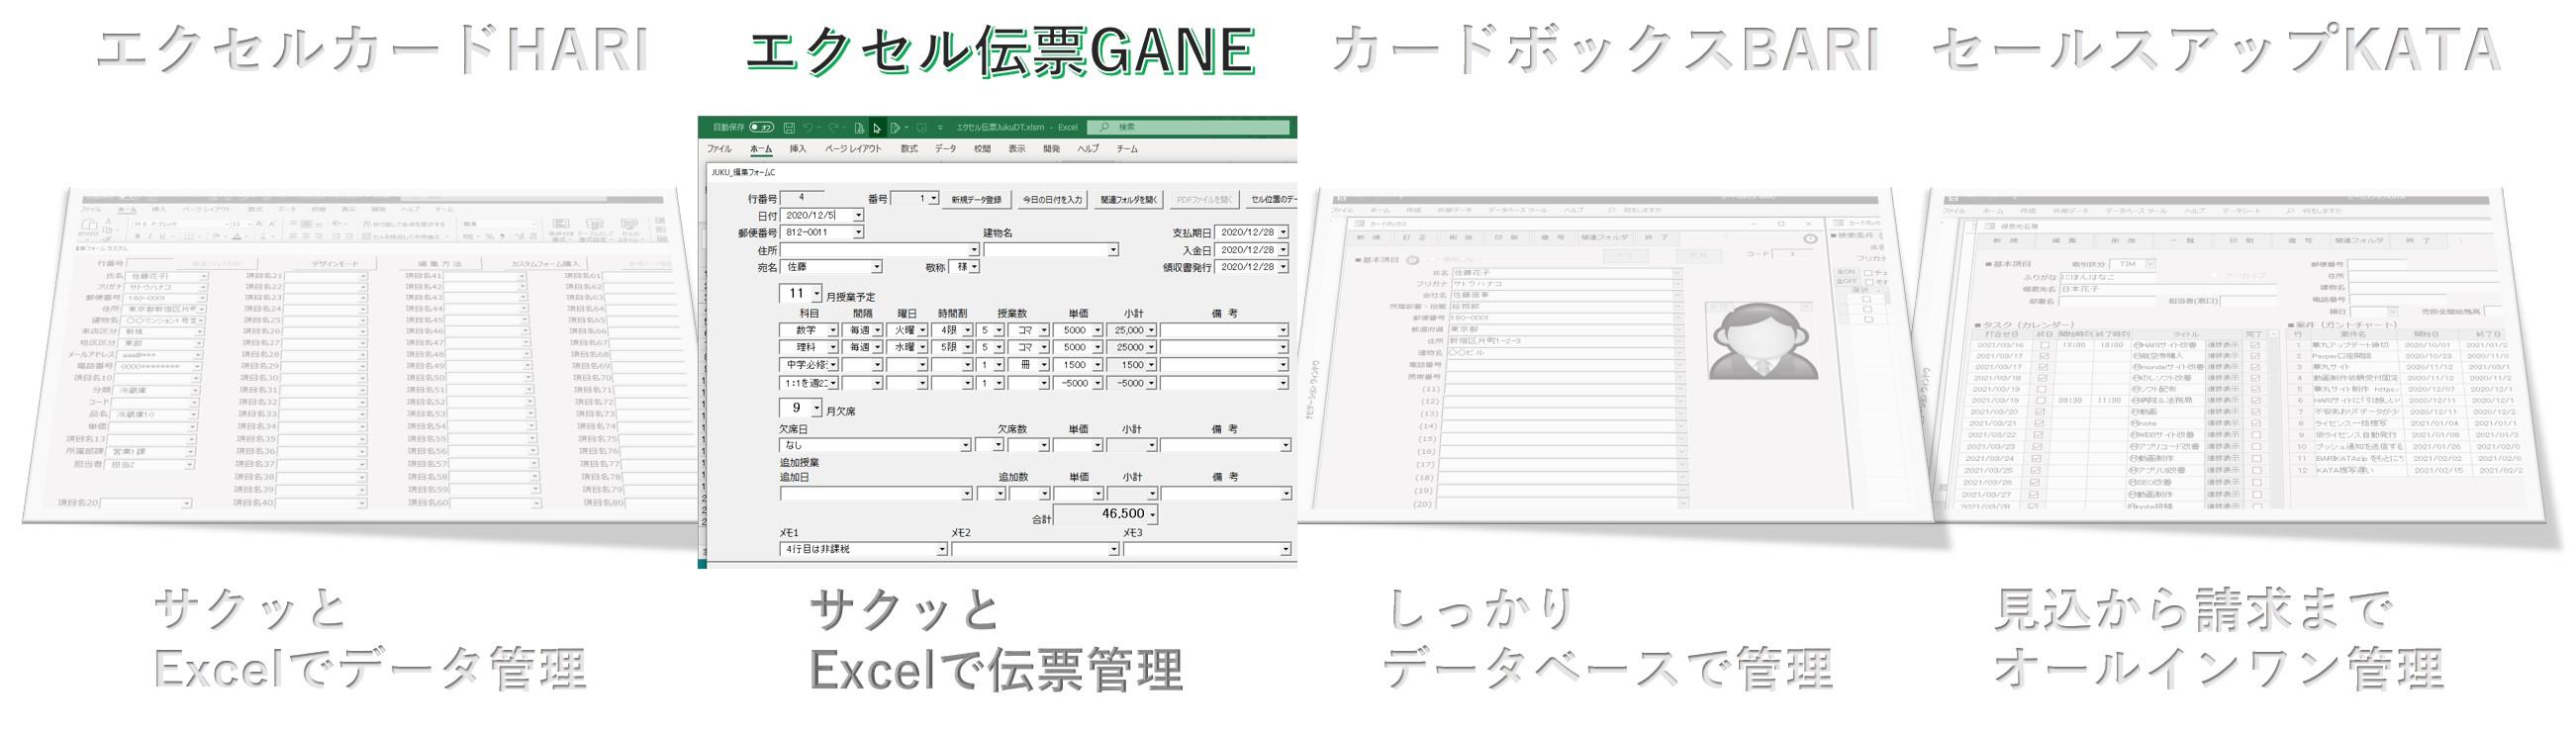 エクセル伝票GANE,伝票管理ソフト